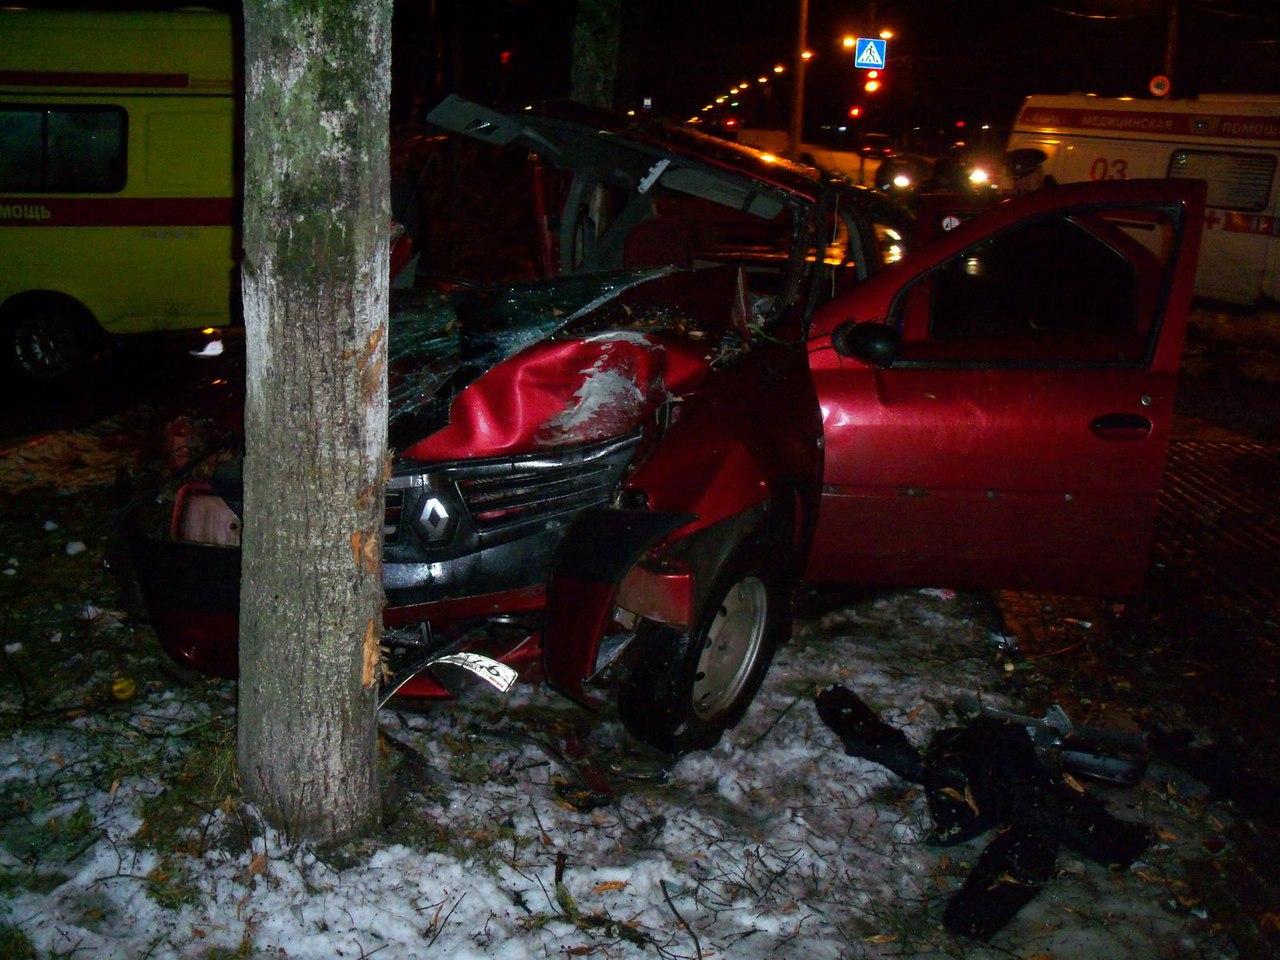 Авария вЖелезногорске: умер пассажир такси, еще 4 человека отправлены вмедучереждение